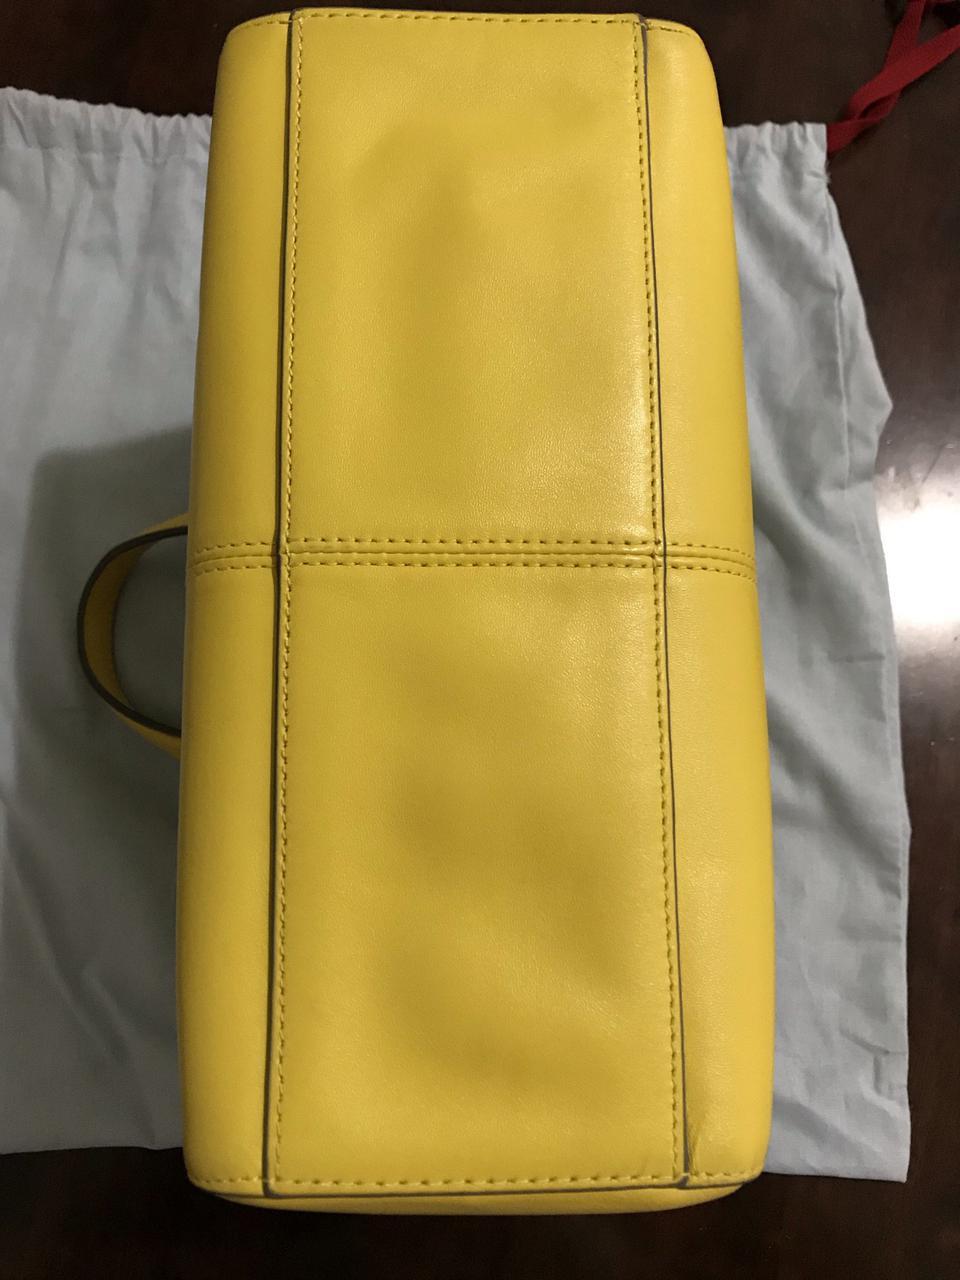 ขออนุญาตเปิด กระเป๋าถือและสะพาย Catch Kidston รุ่น The Henshall Leather Bag สีเหลืองสดใส รุ่นนี้วัสดุหนังแท้  รูปที่ 1